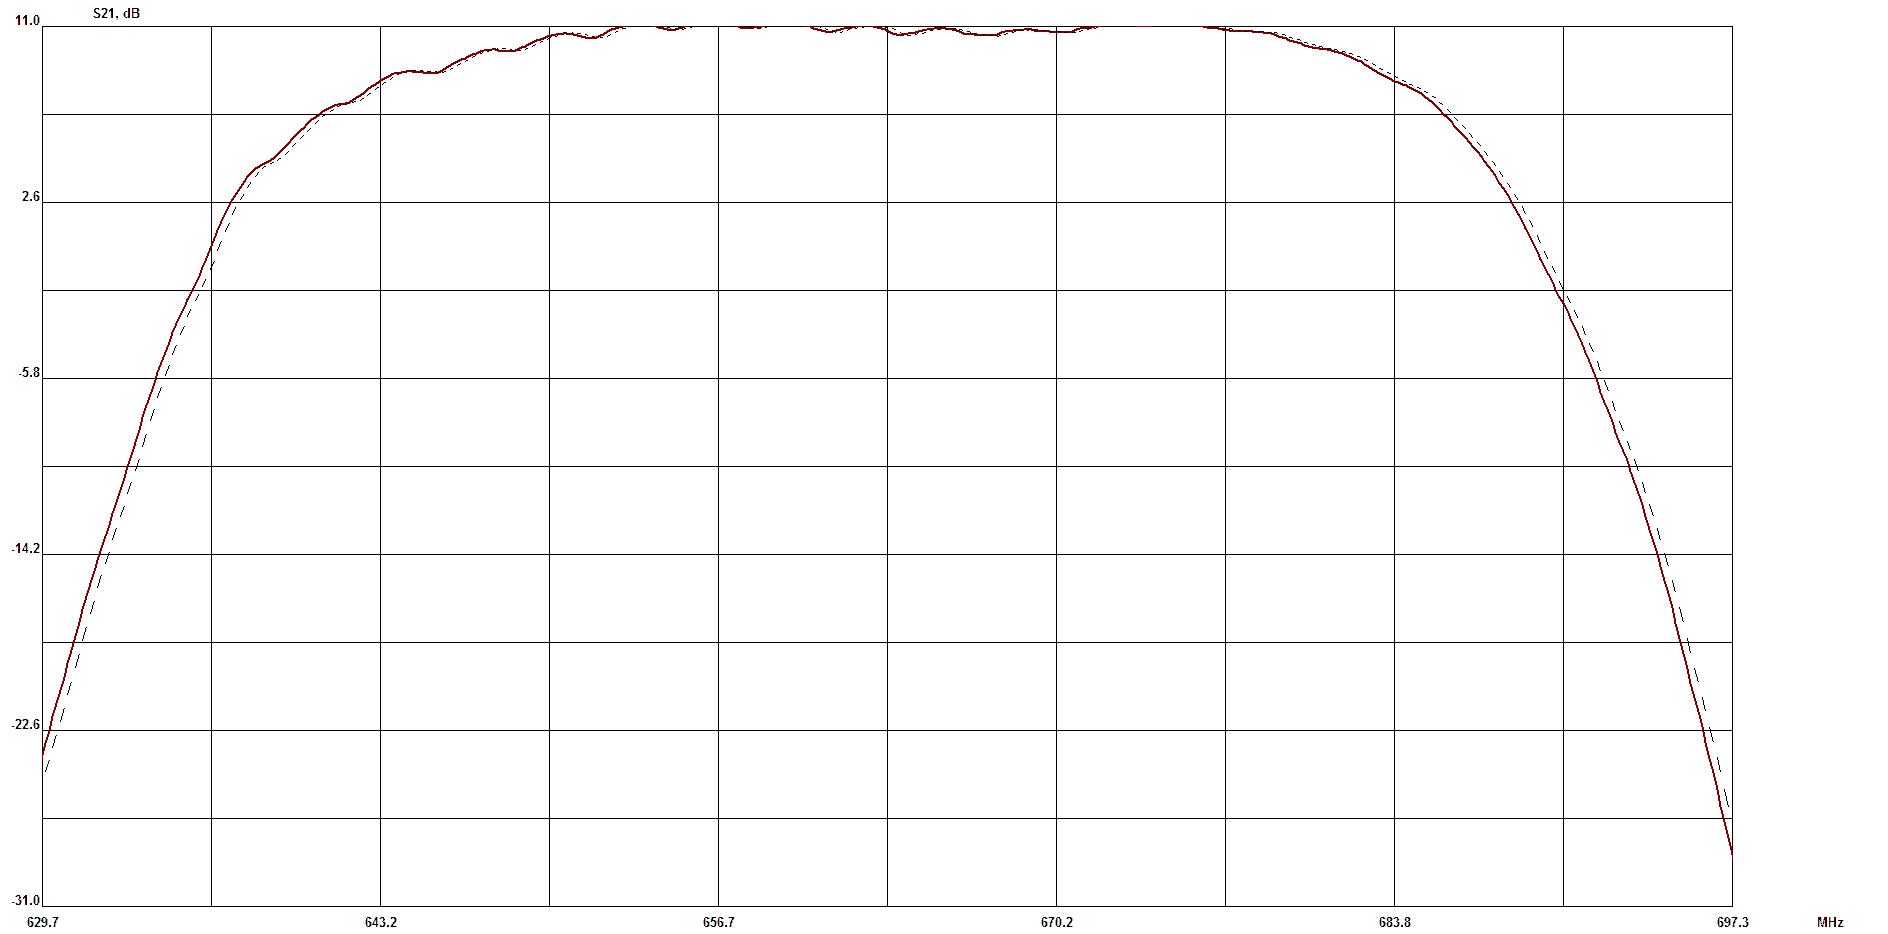 Рис.6 Изменение амплитудно-частотной характеристики частотно-избирательного микроблока с номинальной частотой 664 МГц (сплошная линия-рабочий режим; пунктирная-в момент включения).